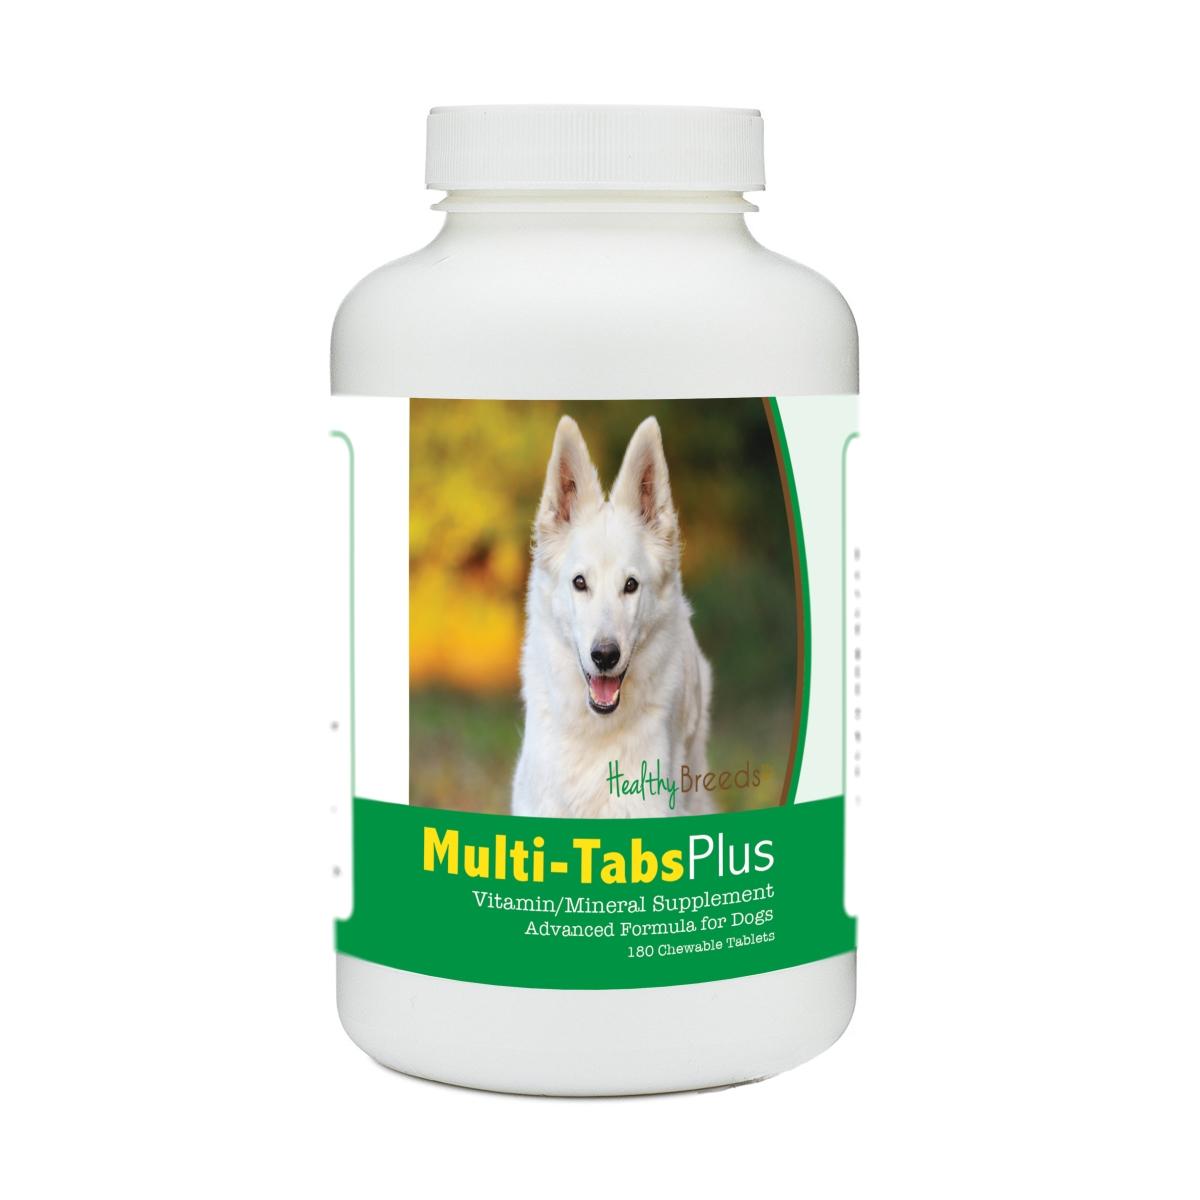 Healthy Breeds 840235172307 German Shepherd Multi-Tabs Plus Chewable Tablets - 180 Count